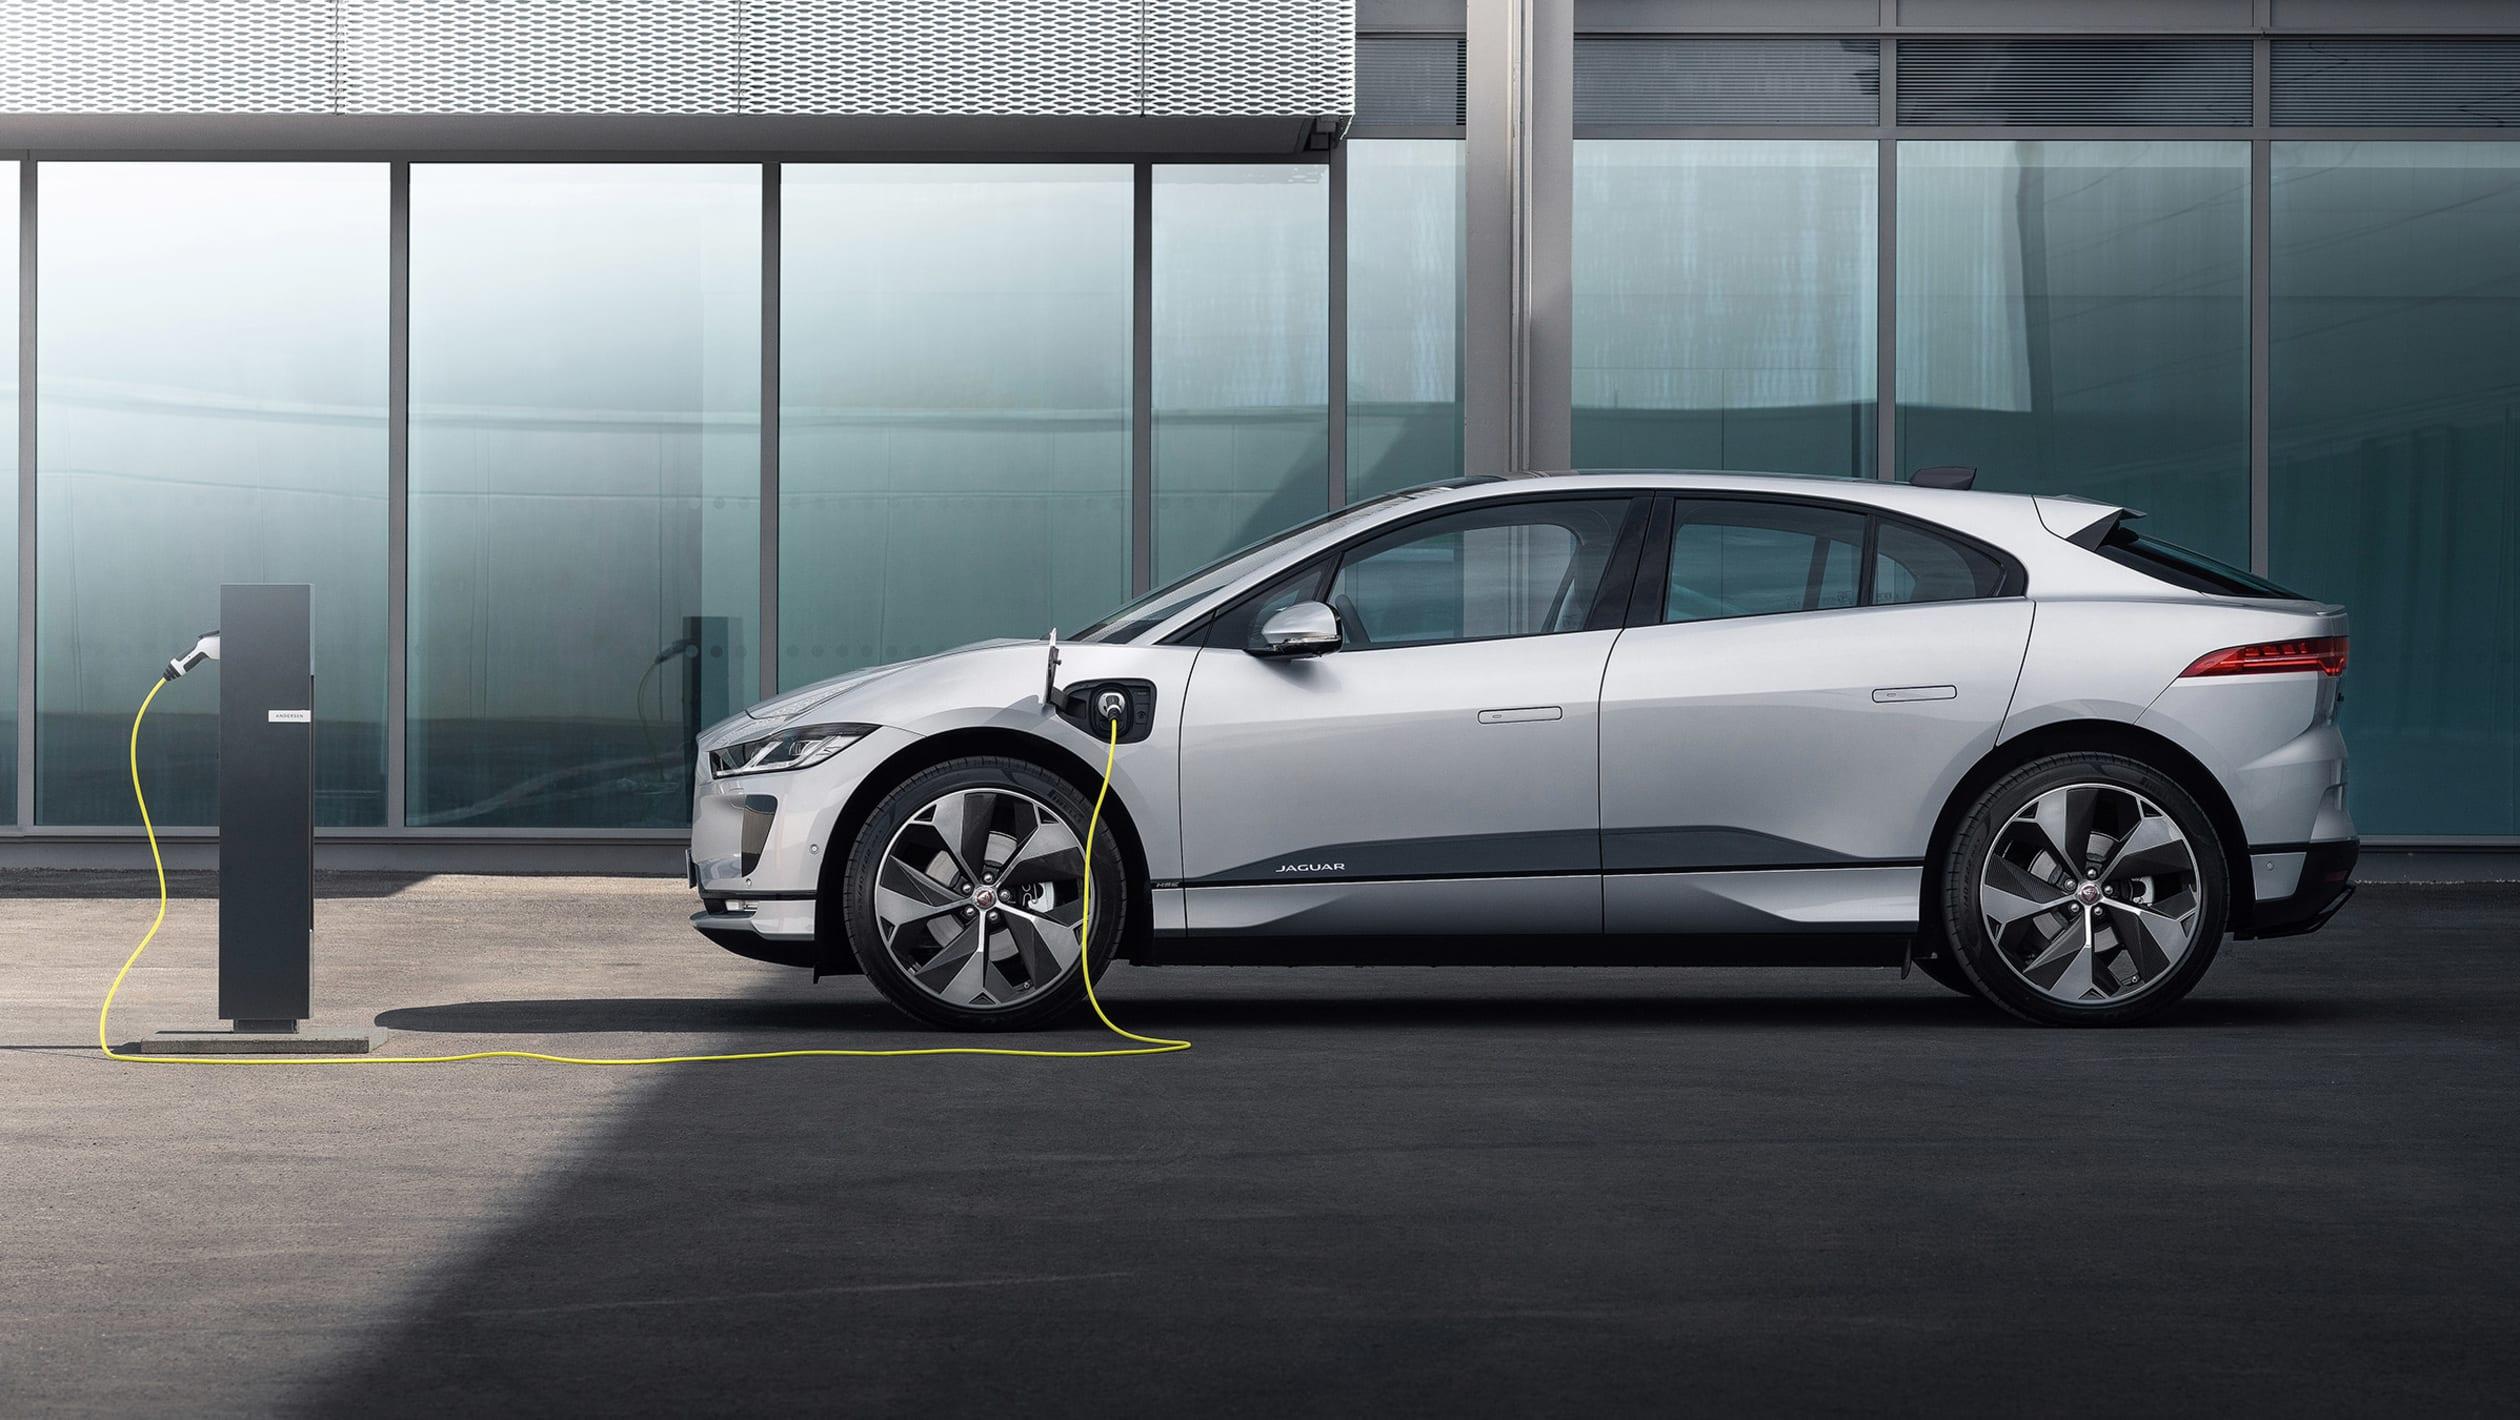 2020 jaguar I-Pace elektrikli araba türkiye fiyatı https://huglero.com